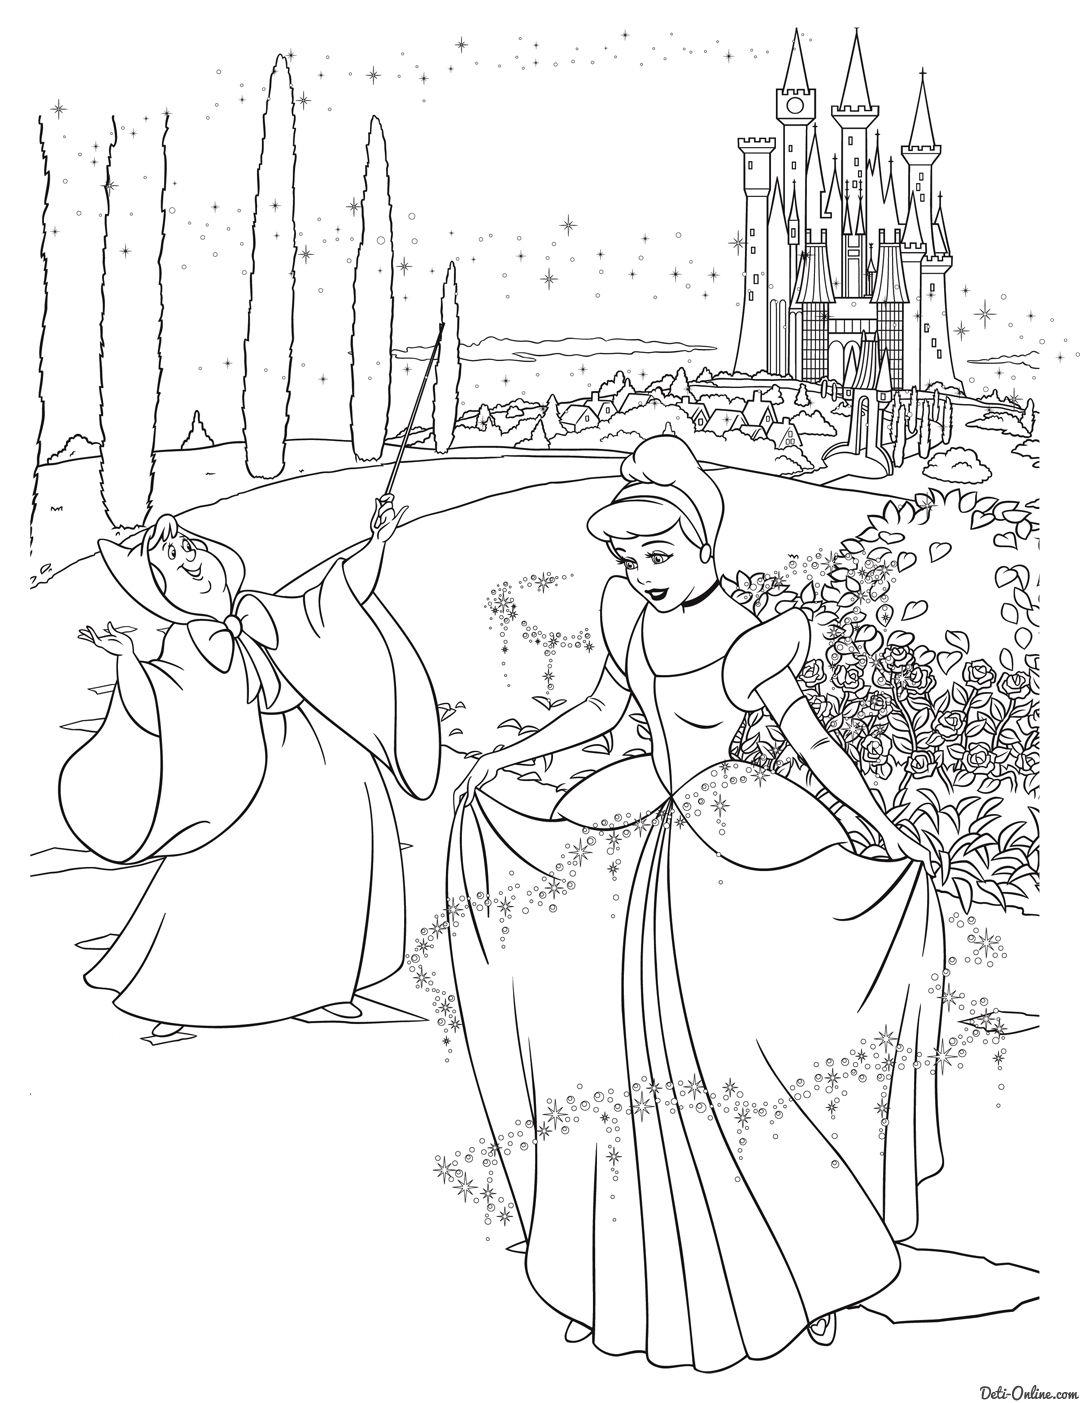 Раскраска Принцесса Диснея Золушка и фея | Раскраски ...